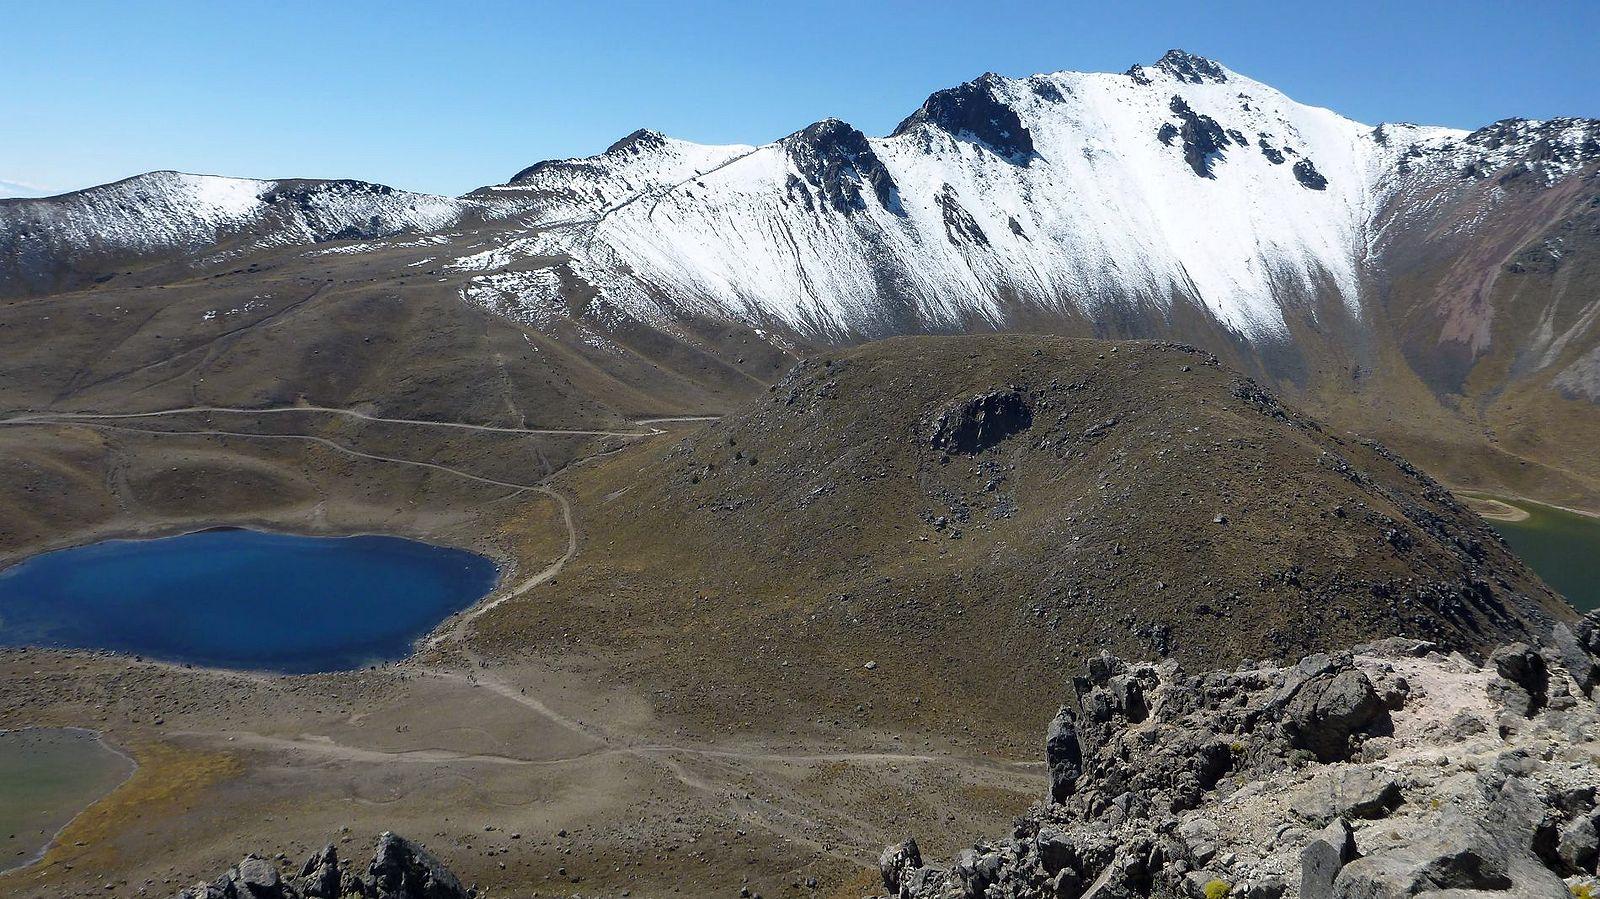 Pohľad na Nevado de Toluca 4690 m, náš posledný cieľ